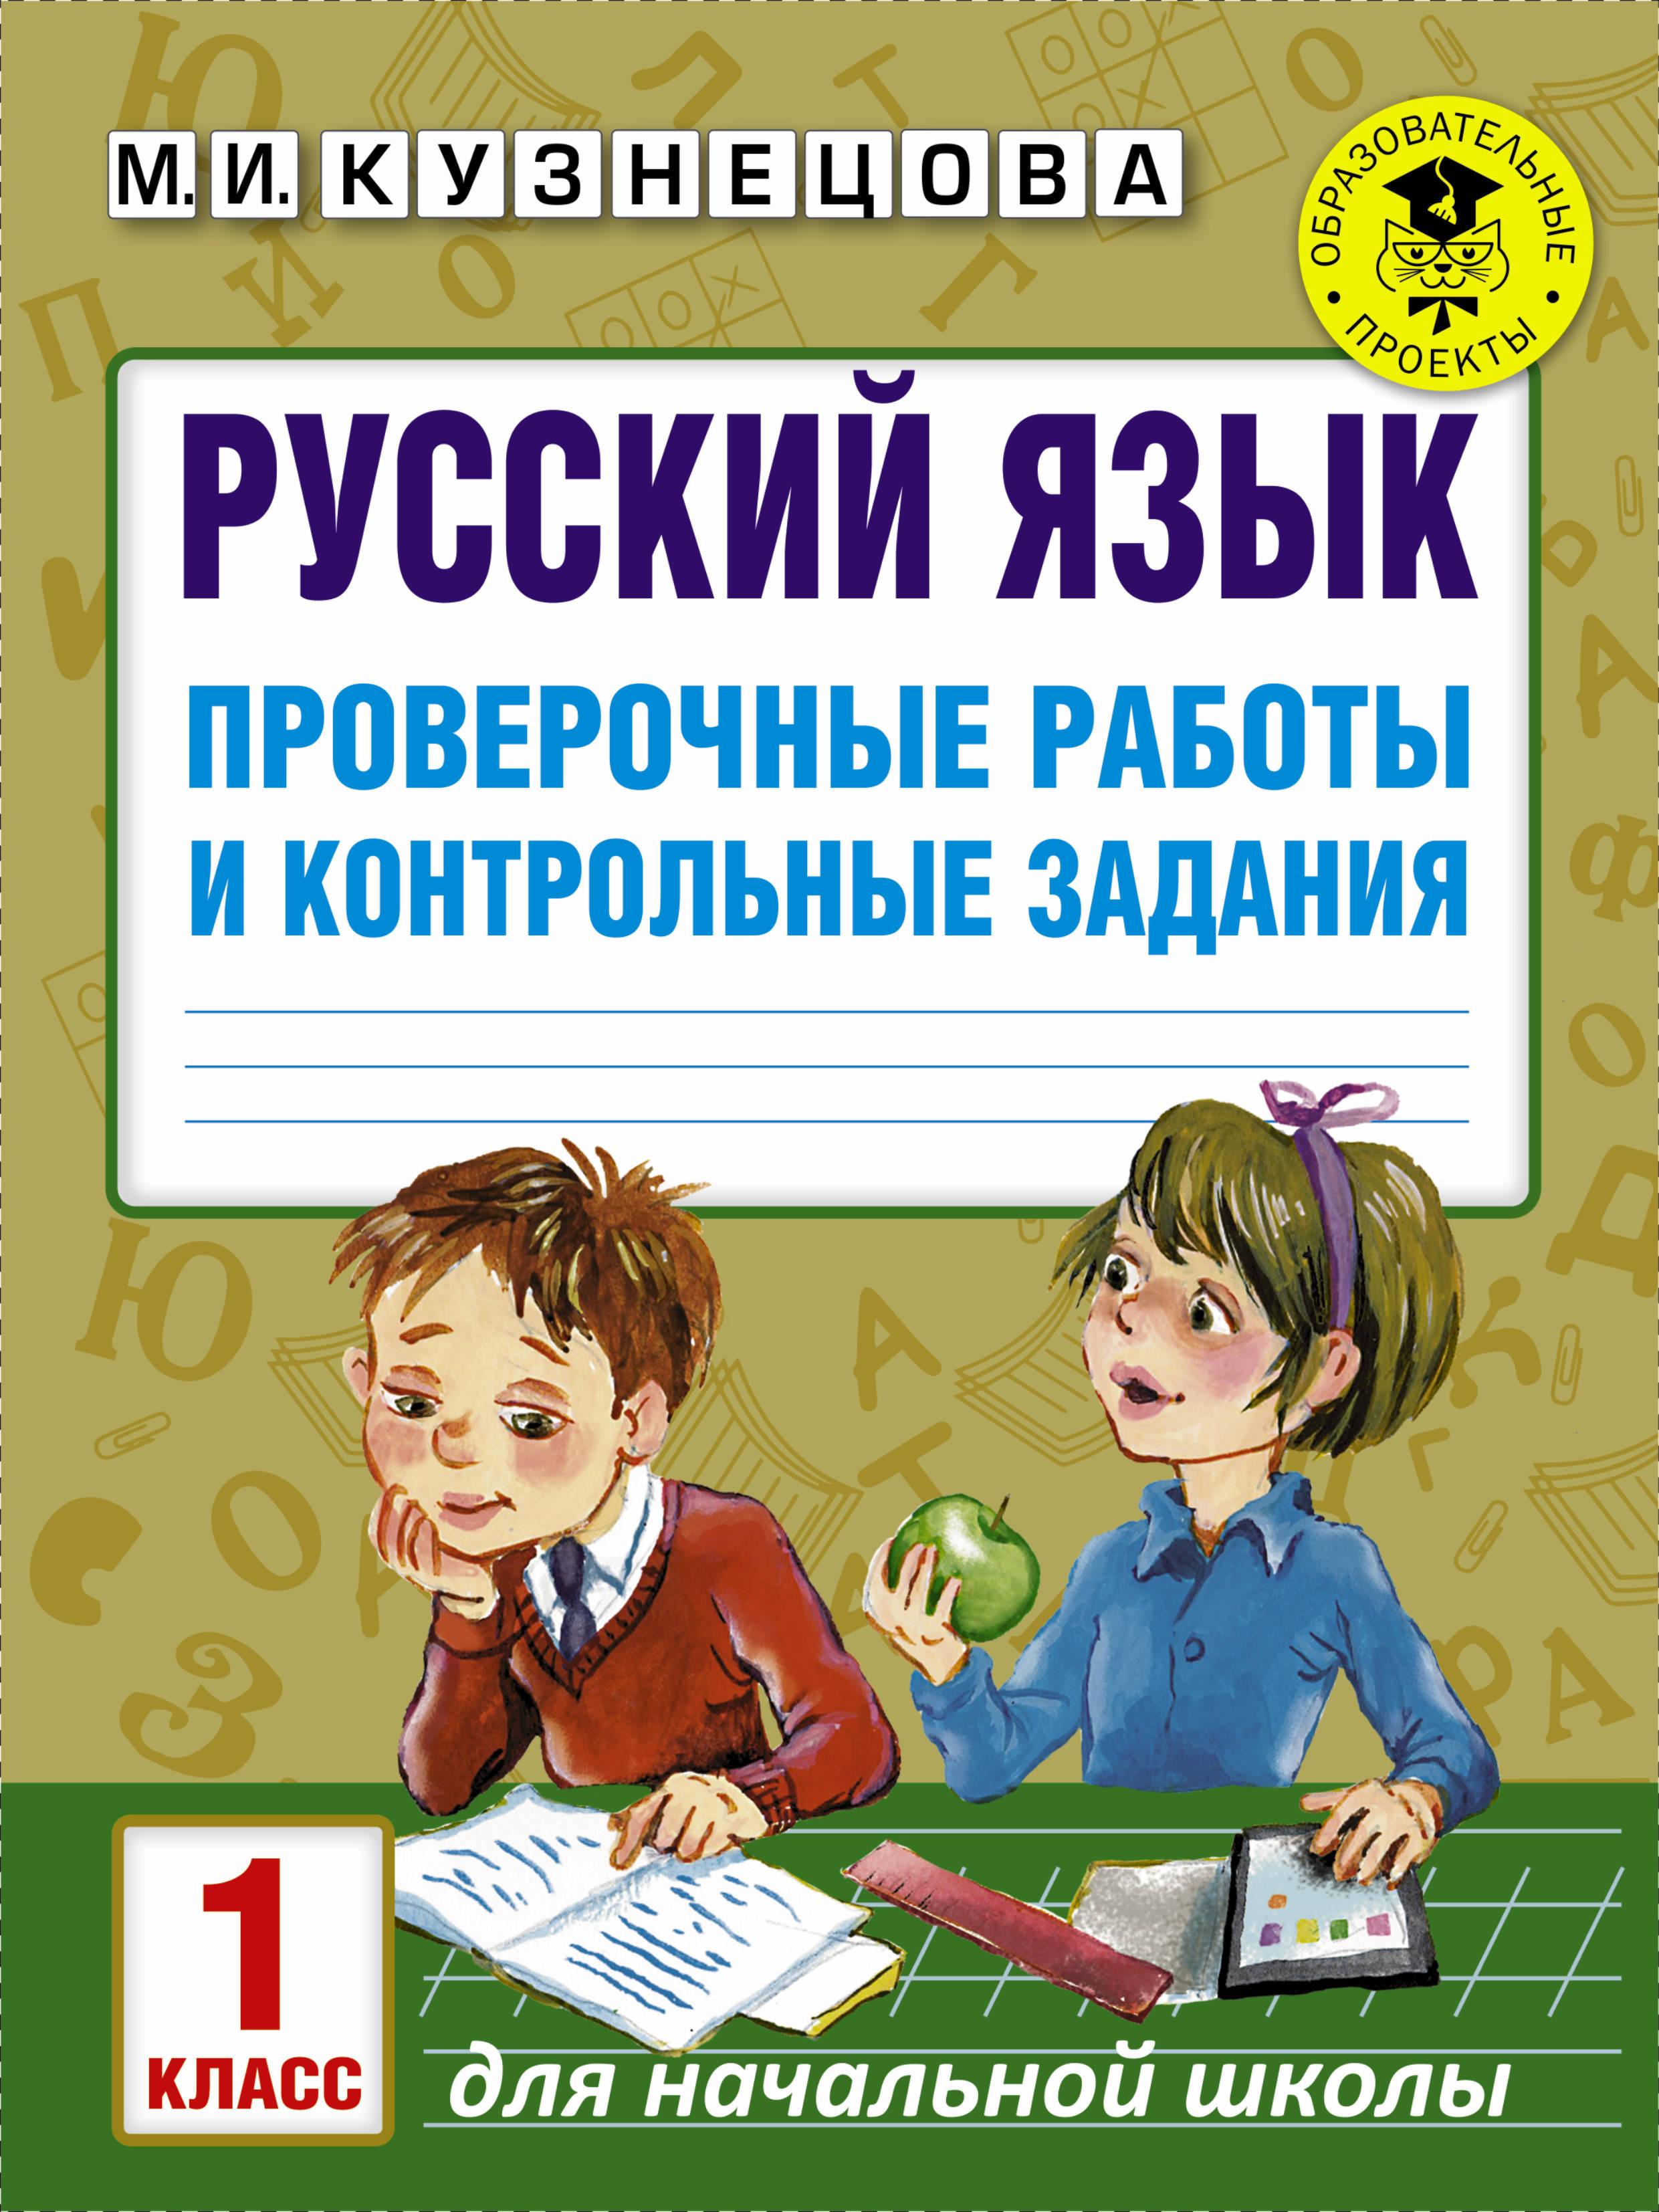 М. И. Кузнецова Русский язык. 1 класс. Проверочные работы и контрольные задания